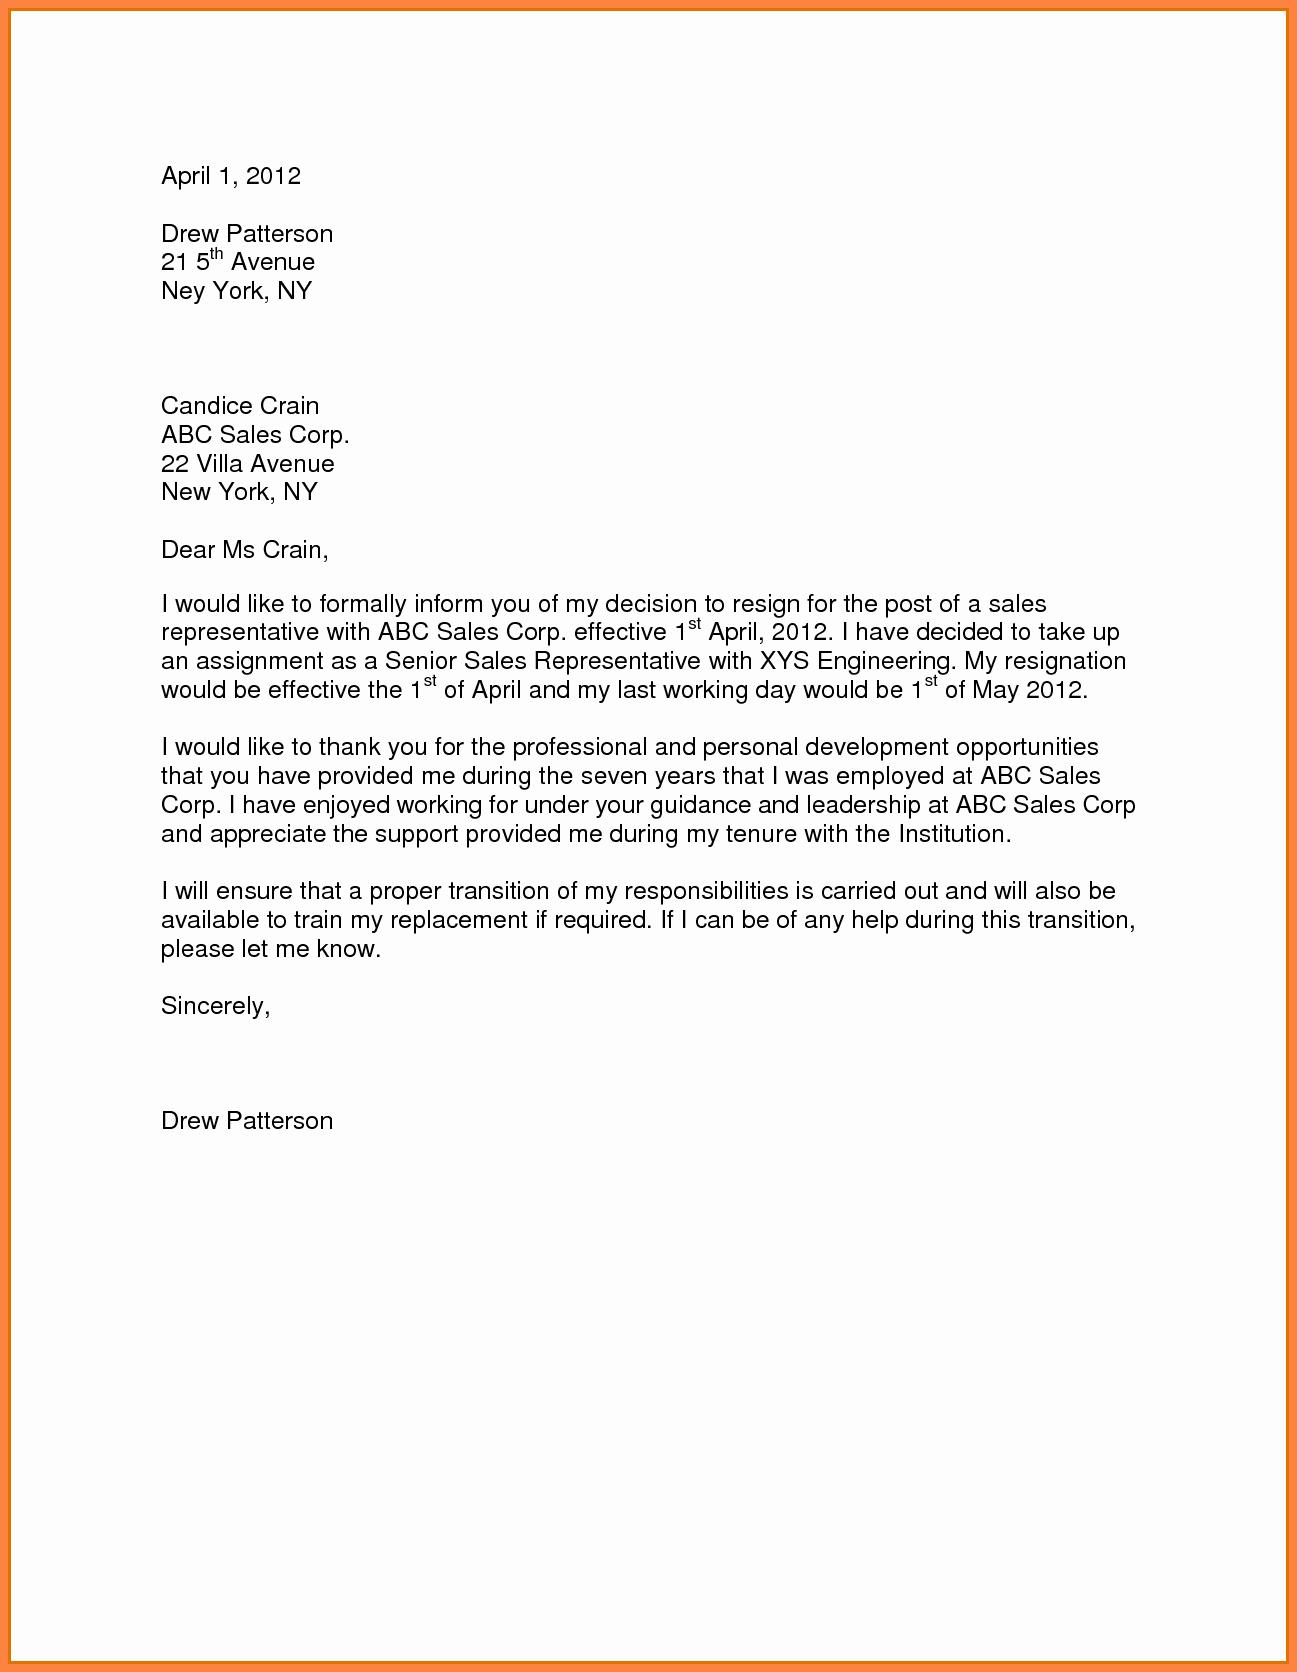 Resignation Letter 30 Days Notice Unique 10 Sample for Resignation Letter One Month Notice